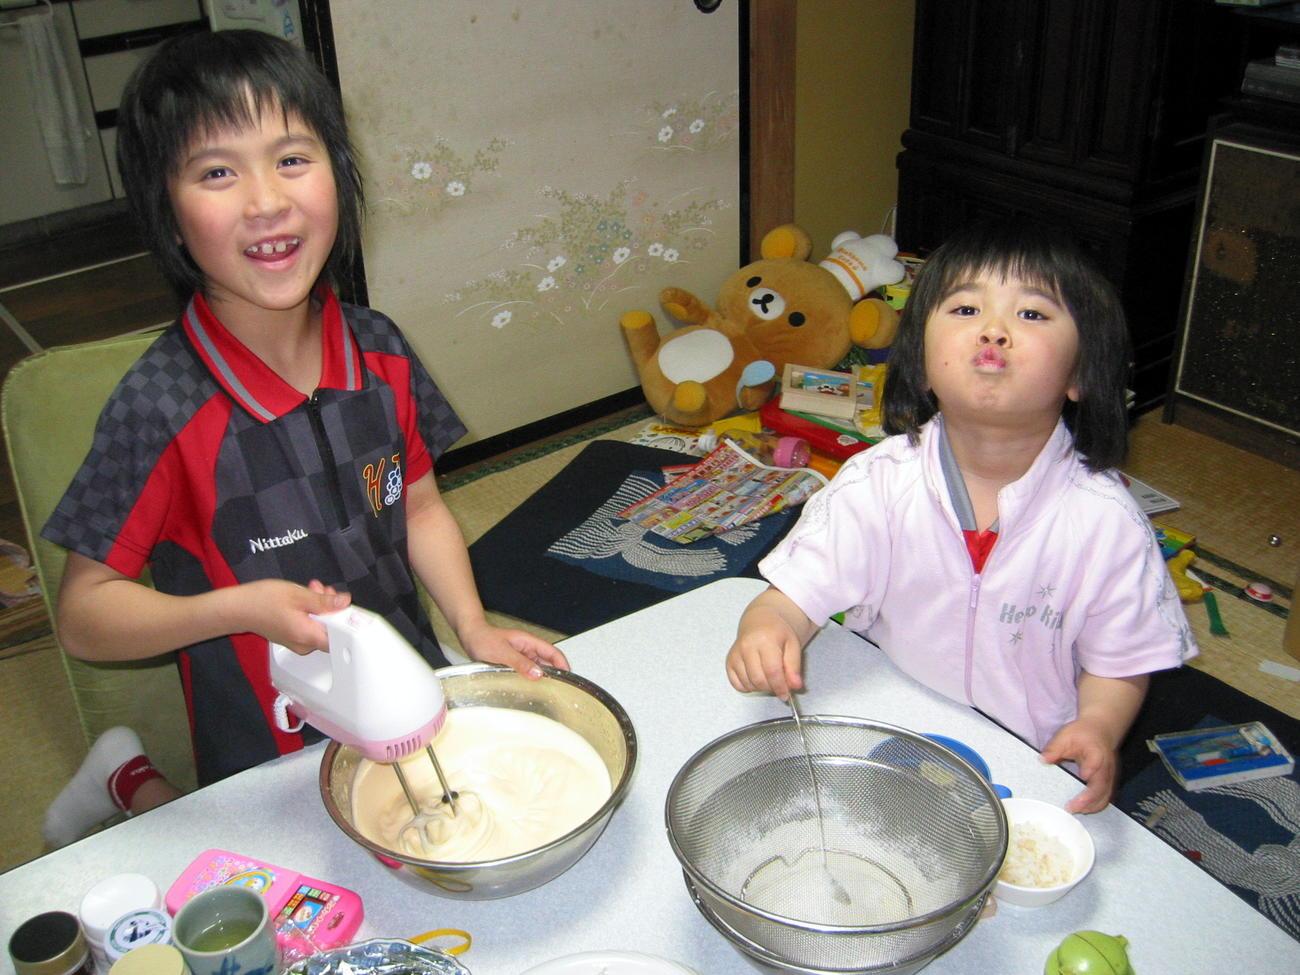 08年4月、自身8歳の誕生日ケーキを作る平野美宇(左)と次女の世和ちゃん